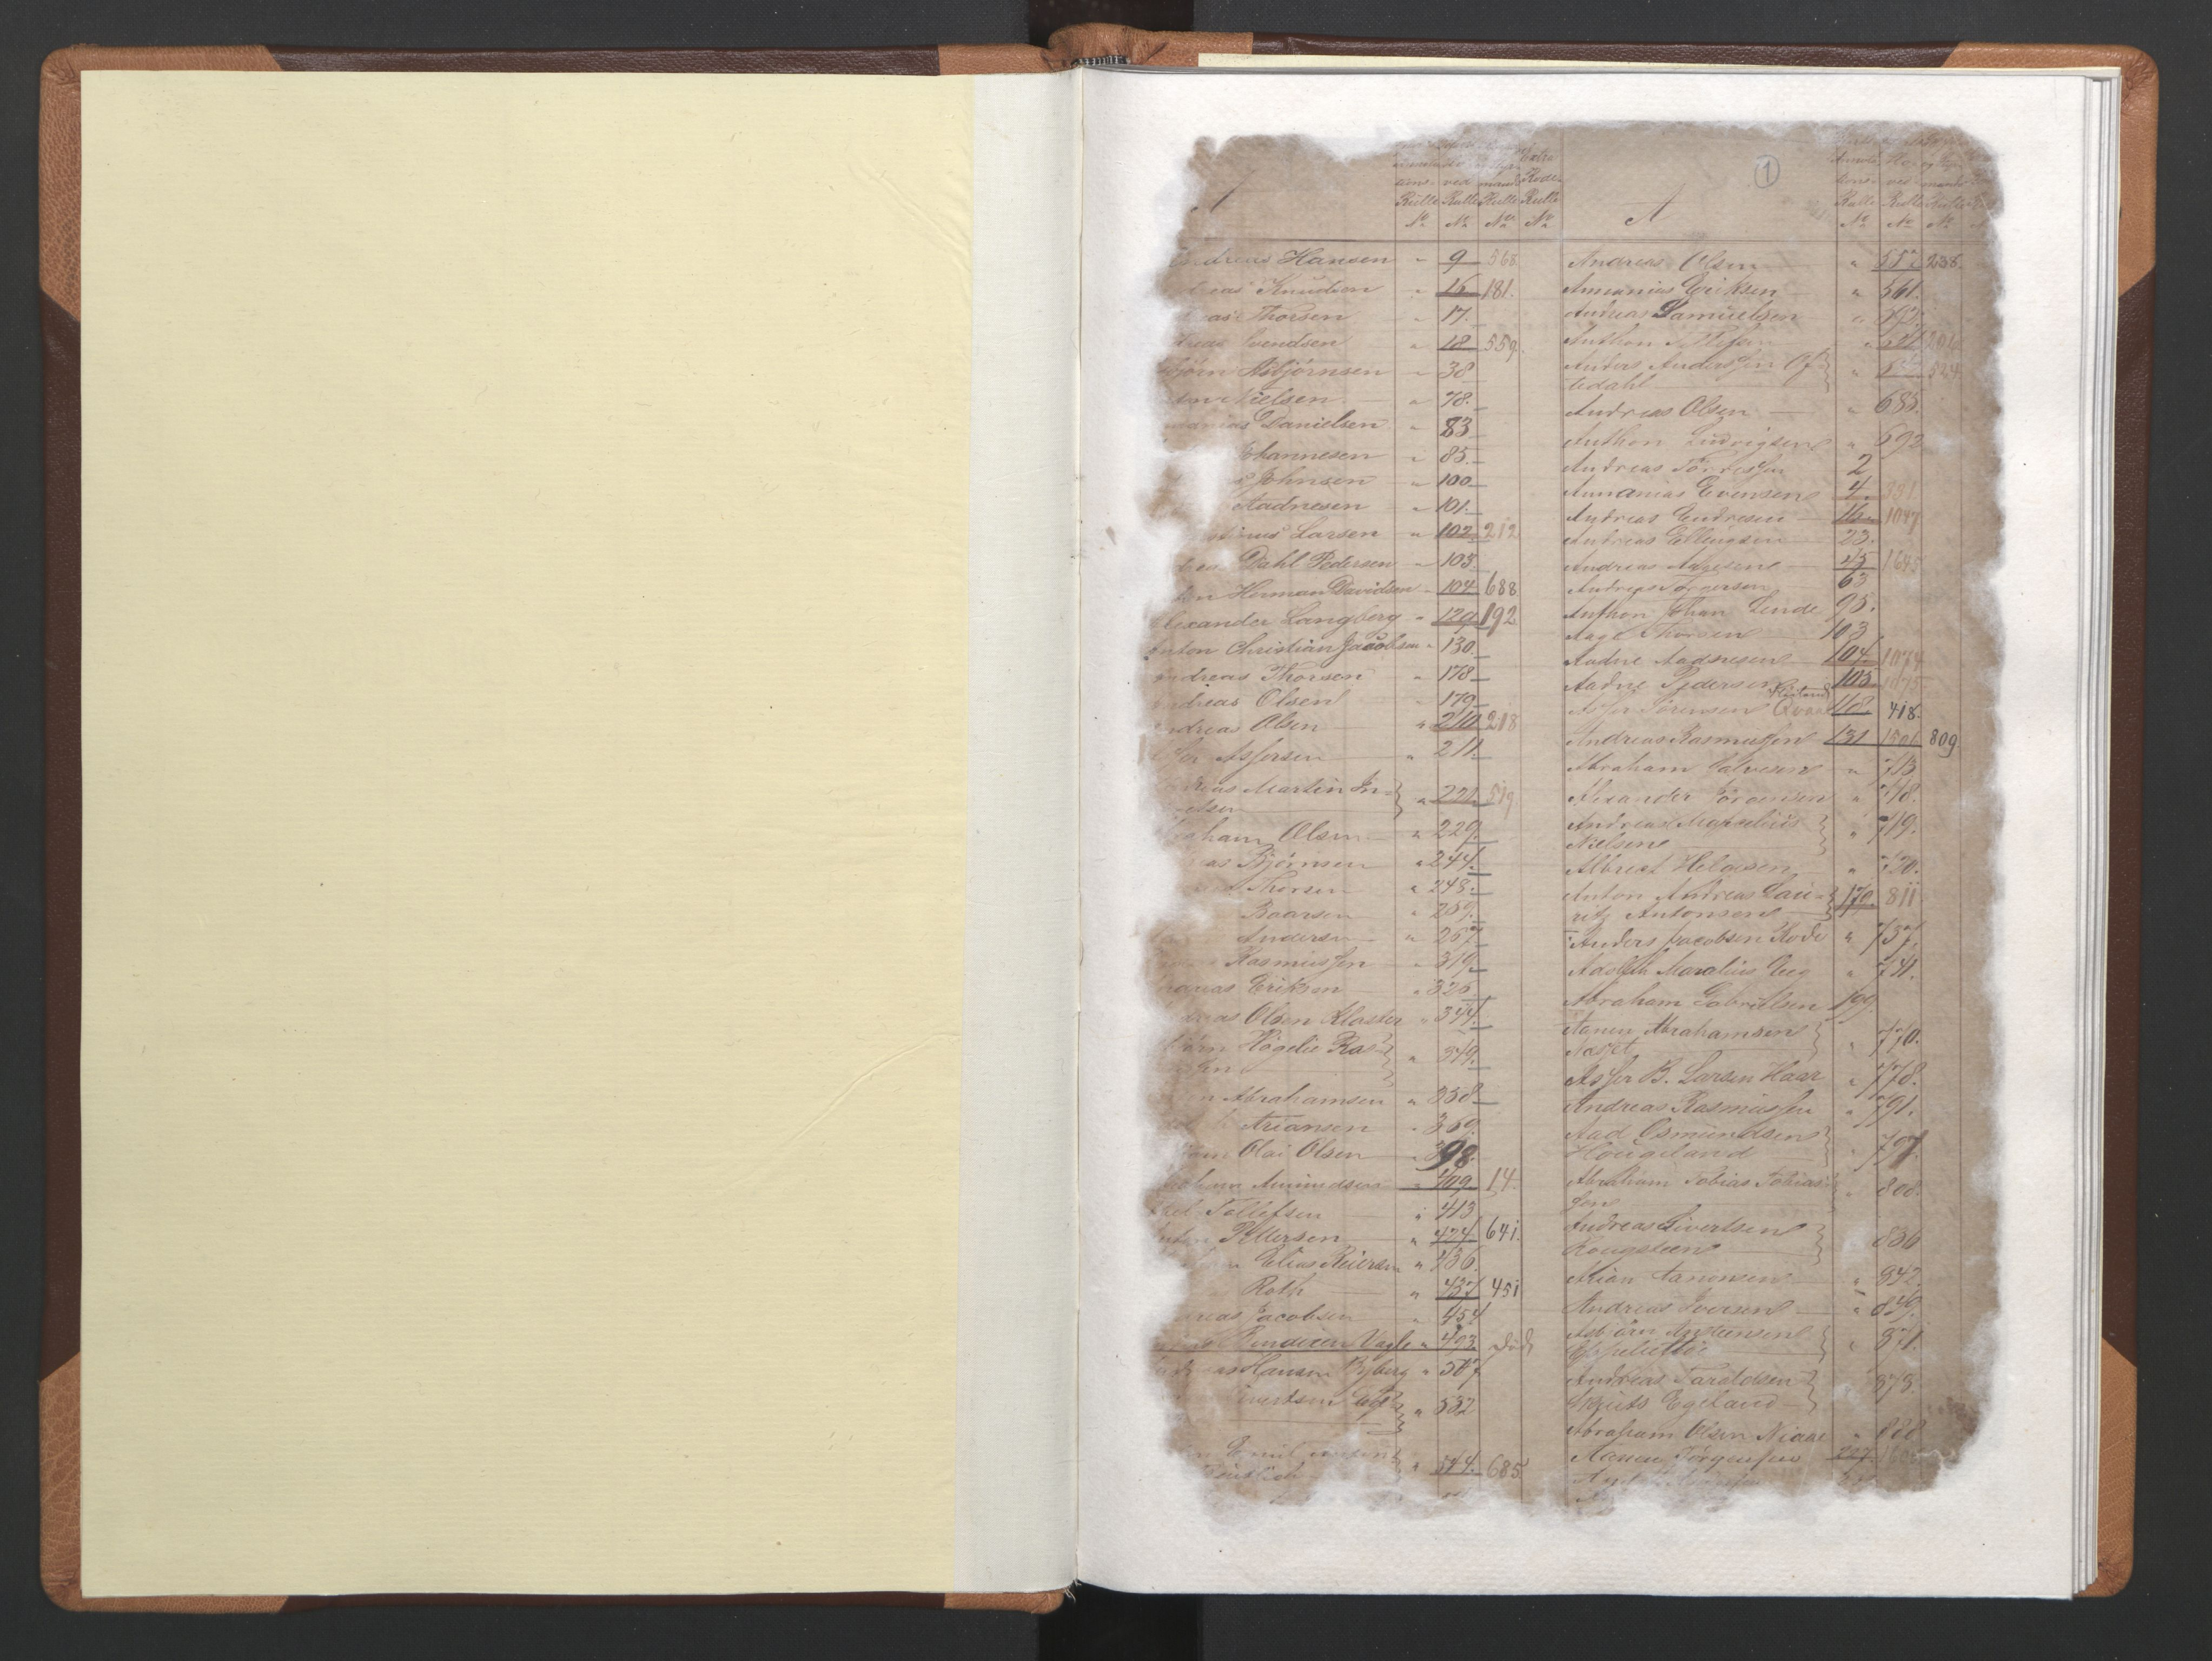 SAST, Stavanger sjømannskontor, F/Fb/Fba/L0002: Navneregister sjøfartsruller, 1860-1869, s. 3